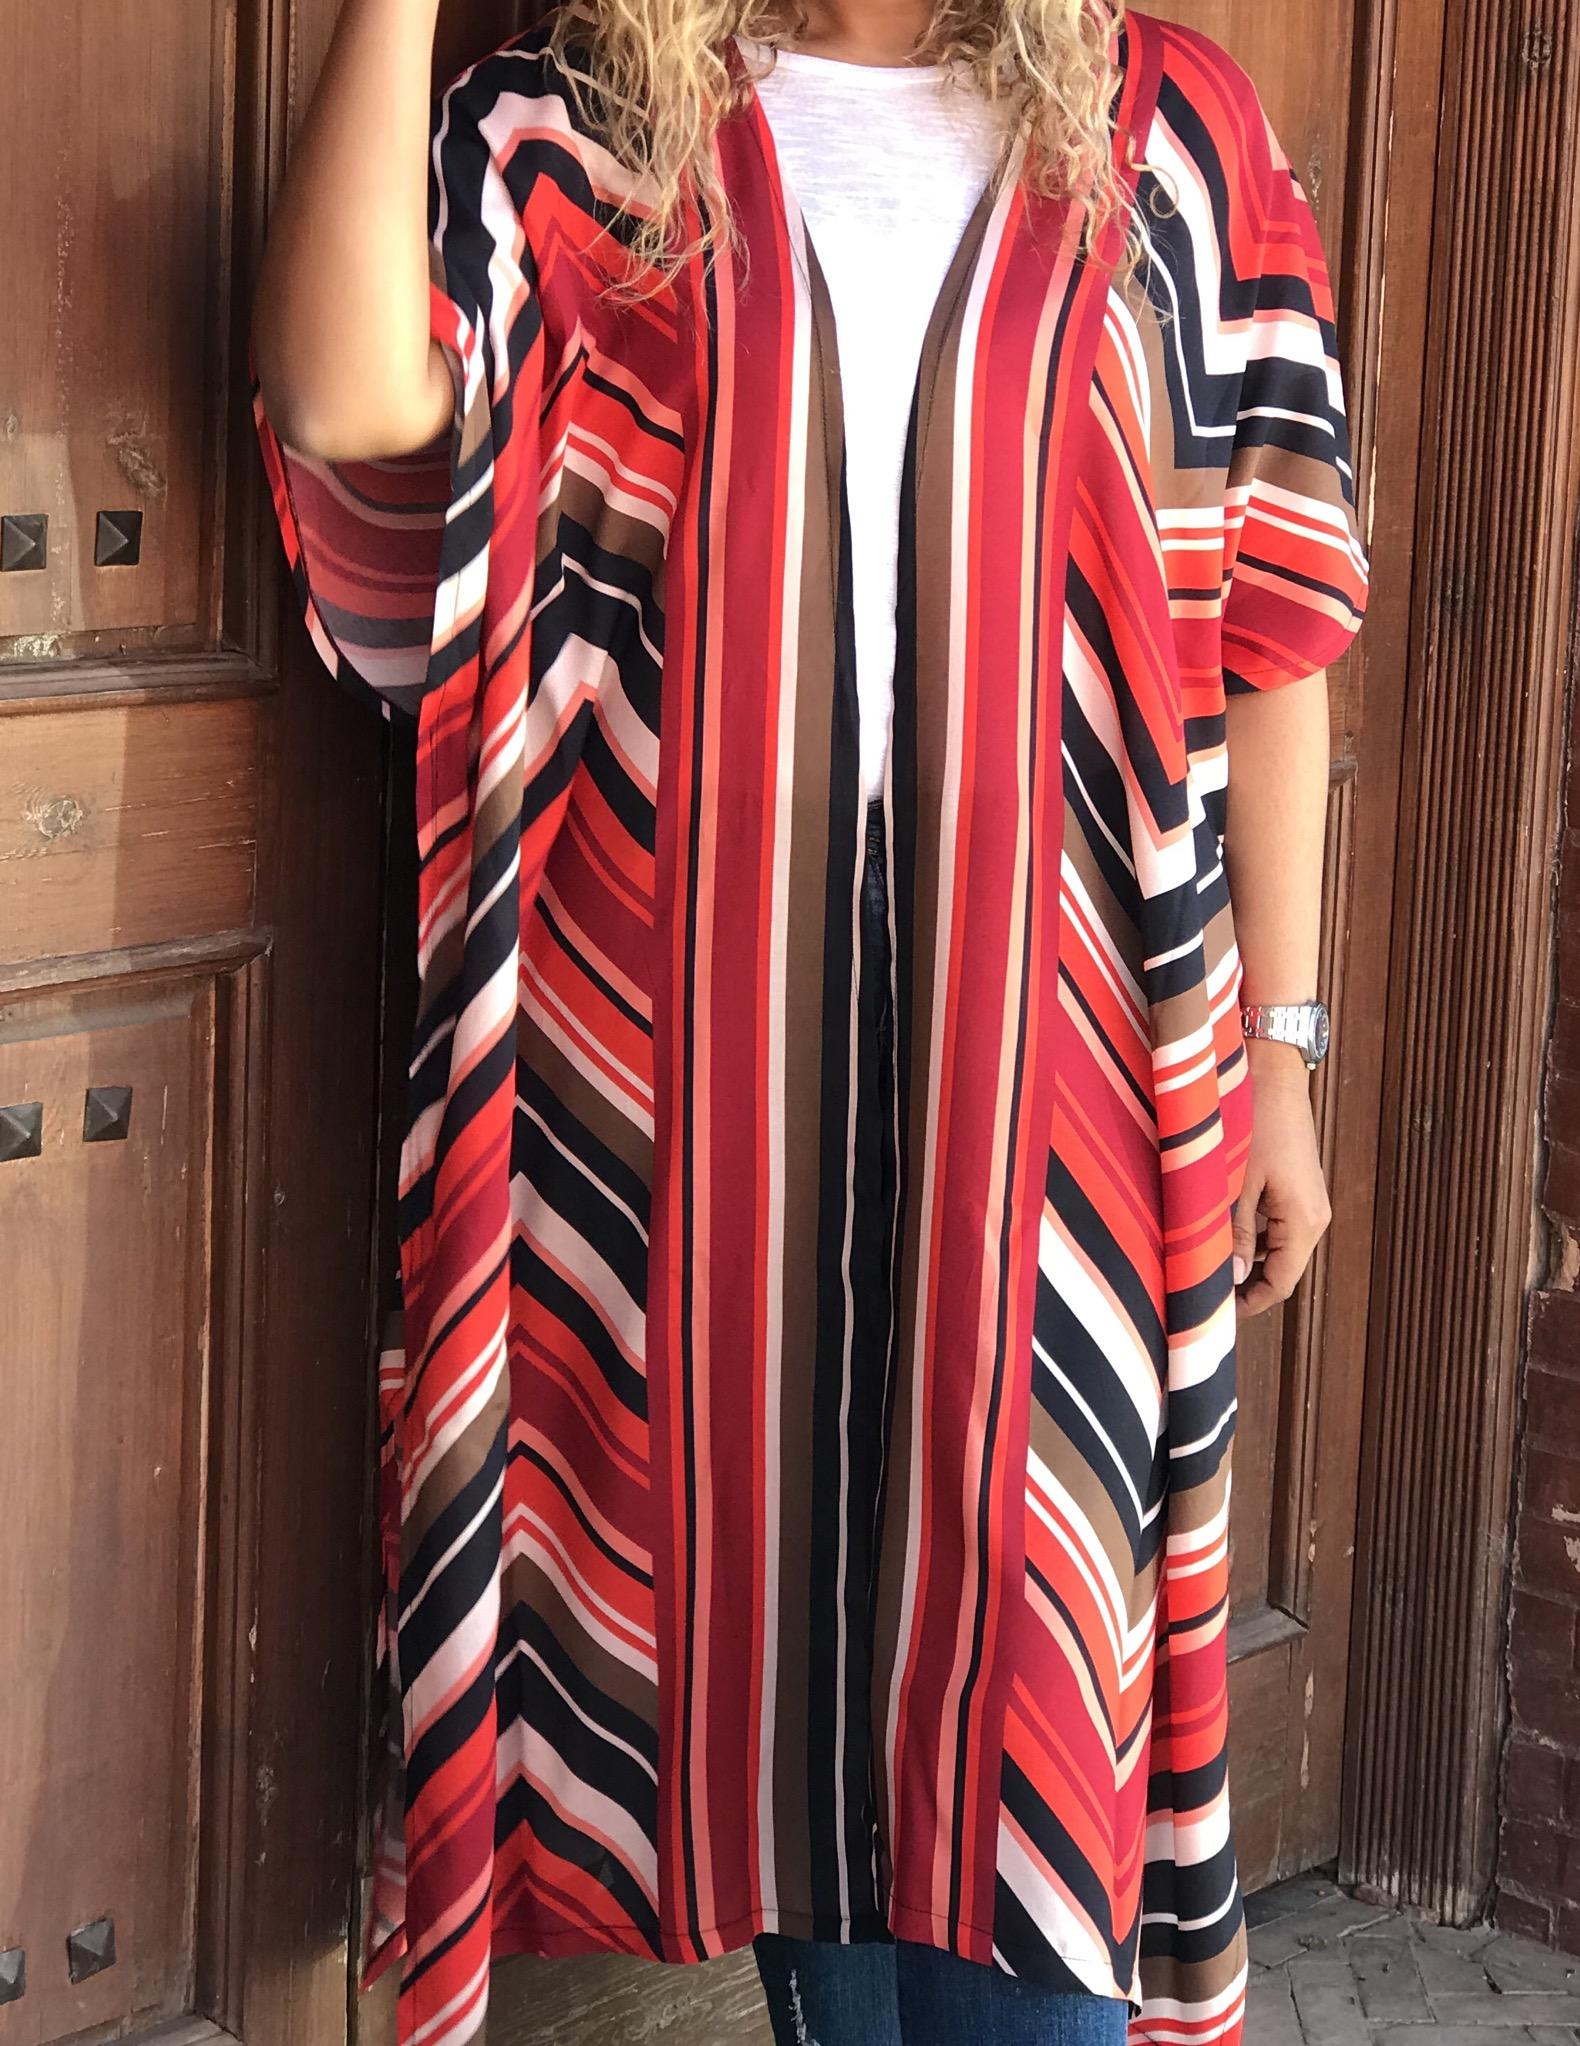 Kimono coton red orange black